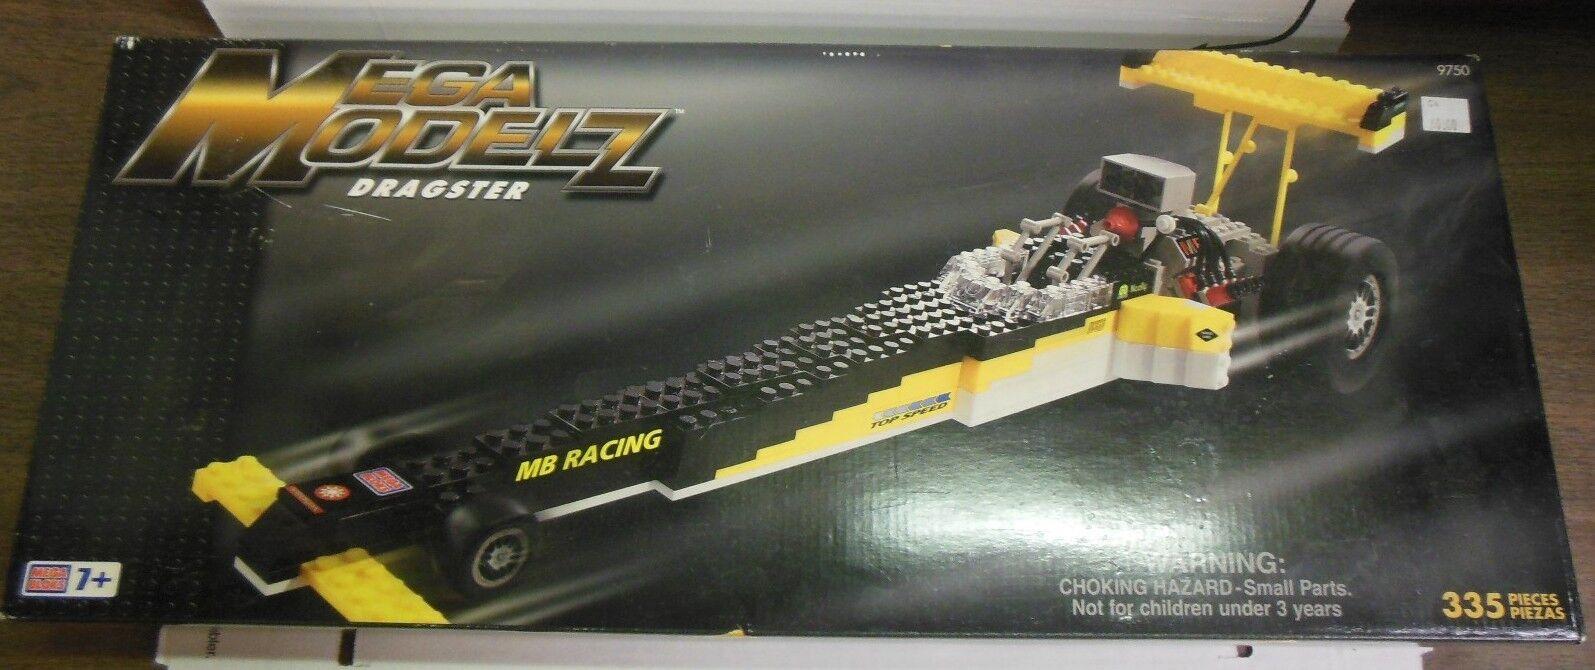 Mega Mega Mega Bloks Mega Modelz Dragster Kit, NIB, 335 Pieces 9750 d39e2f